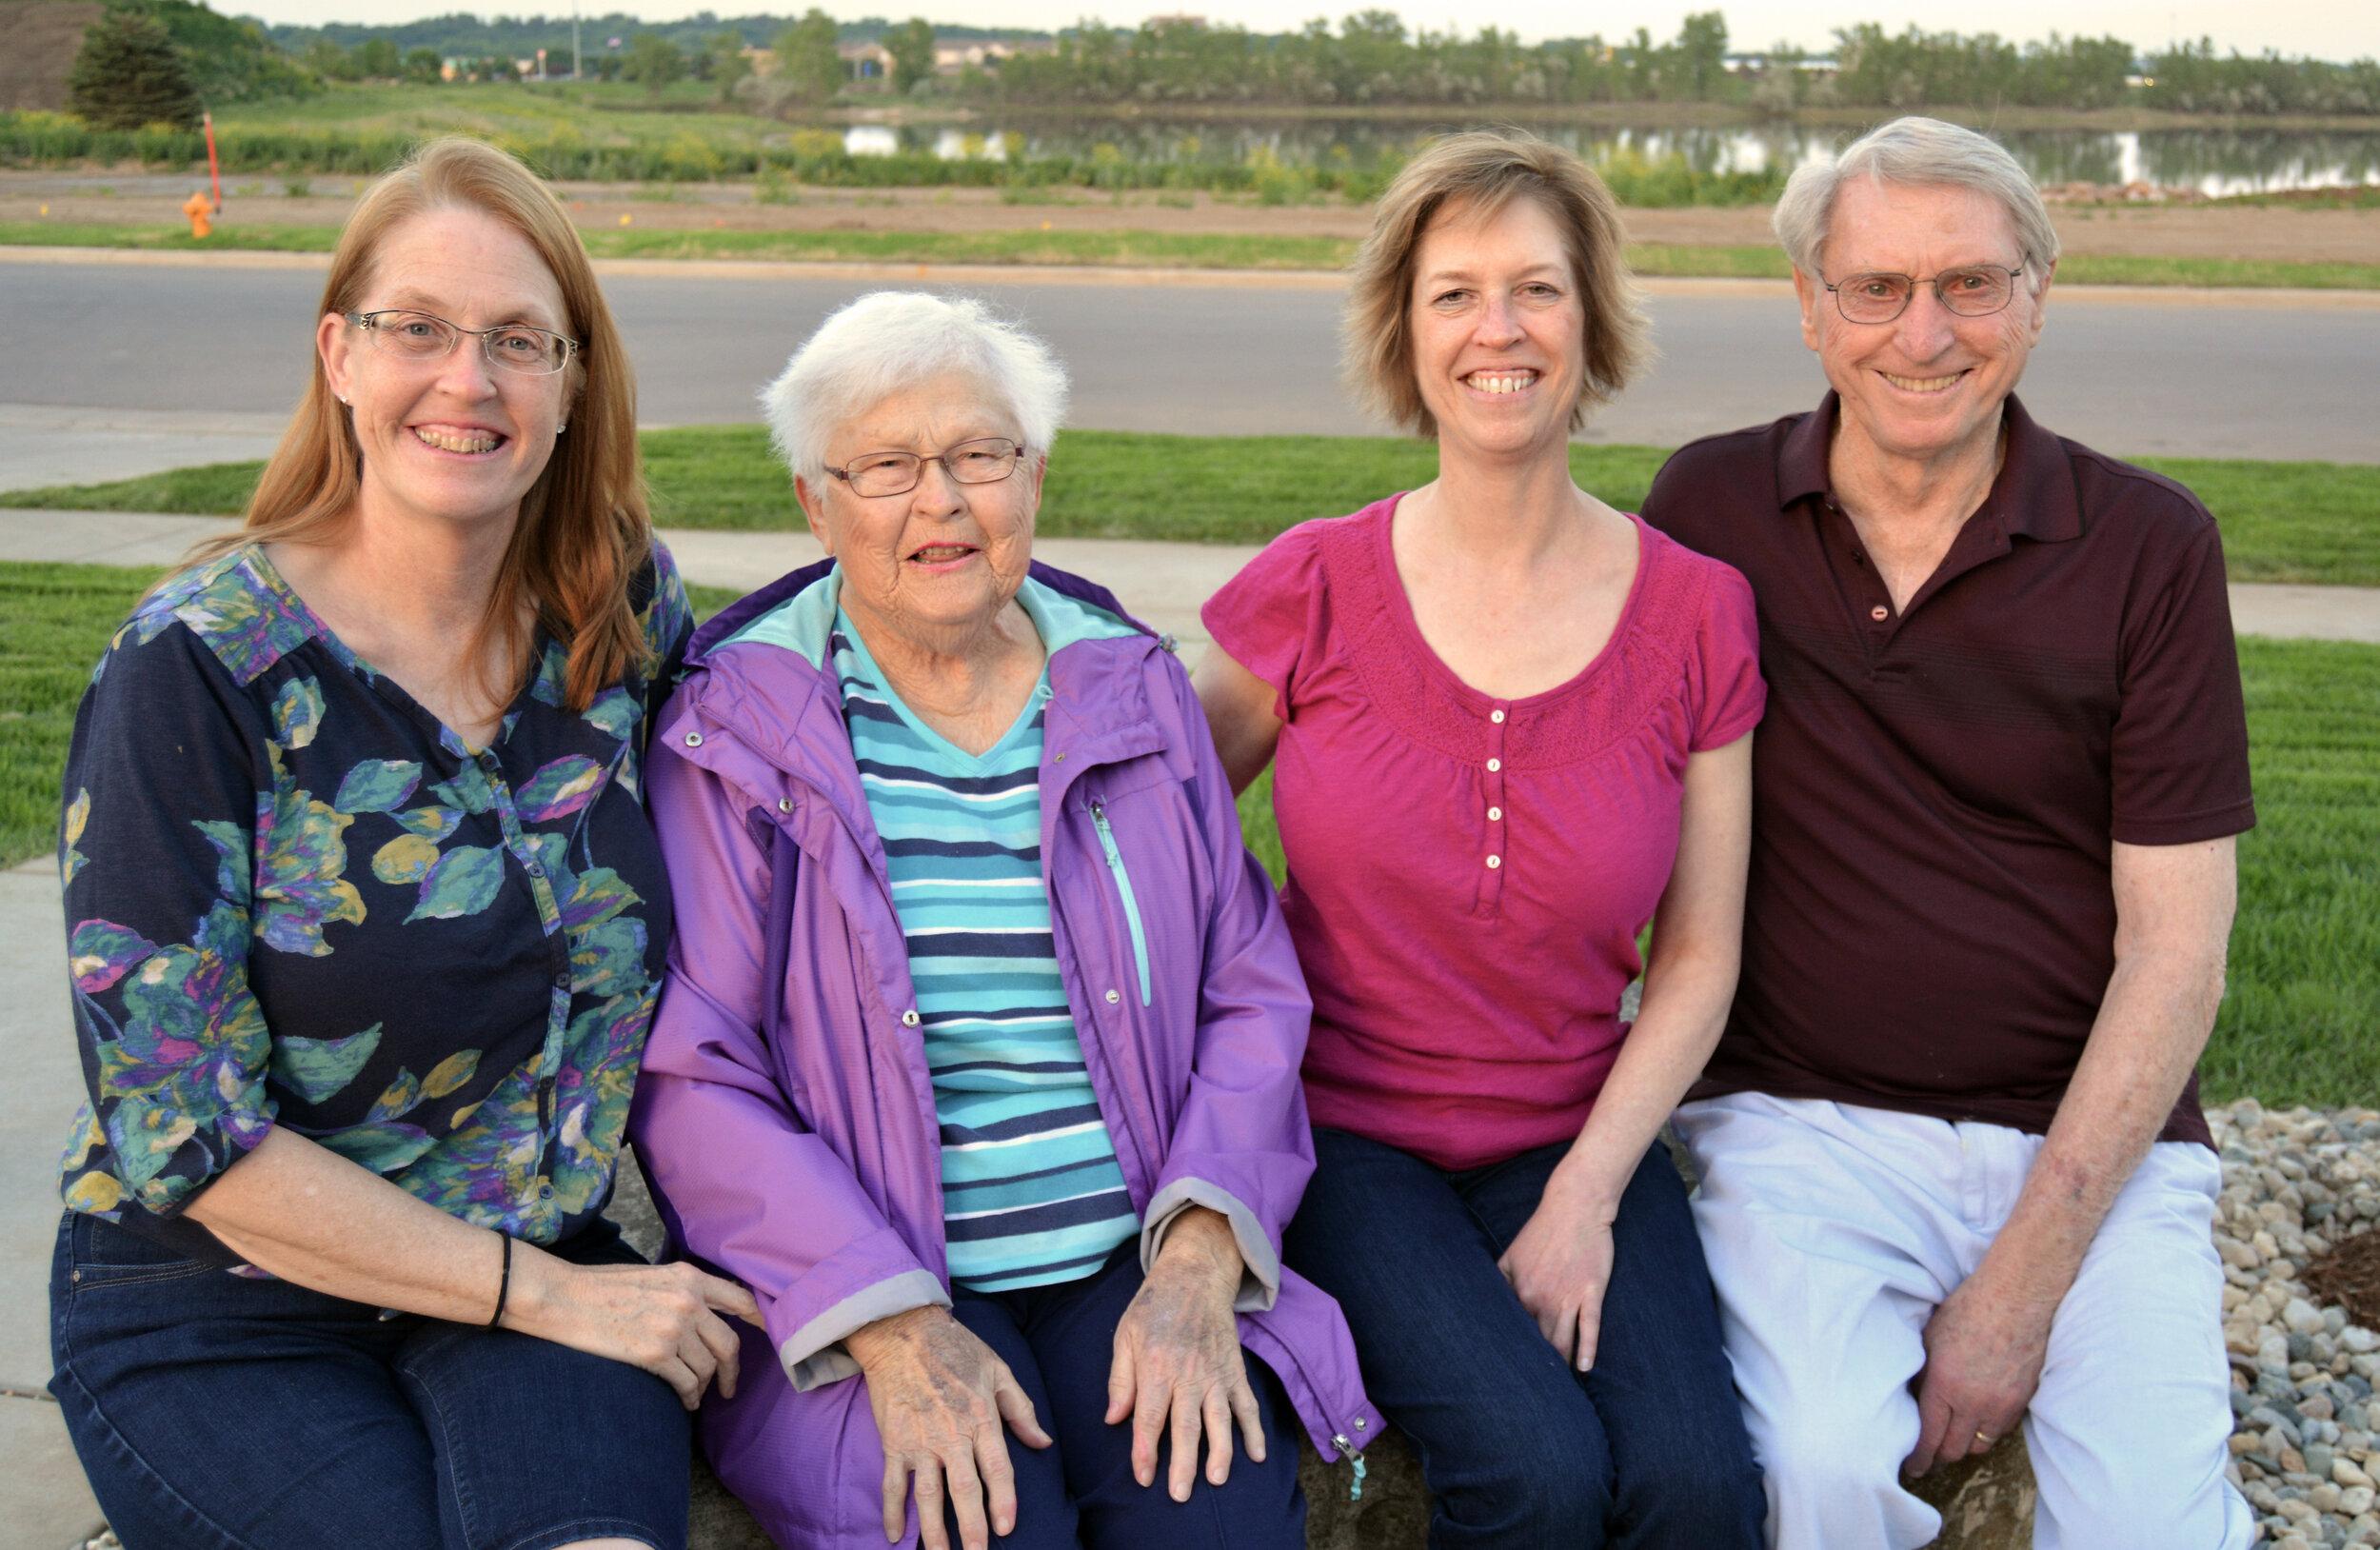 The Friessen family: Patty Vognild, Hilda Lorraine Friessen, Cindy Monnin and Warren Friessen.